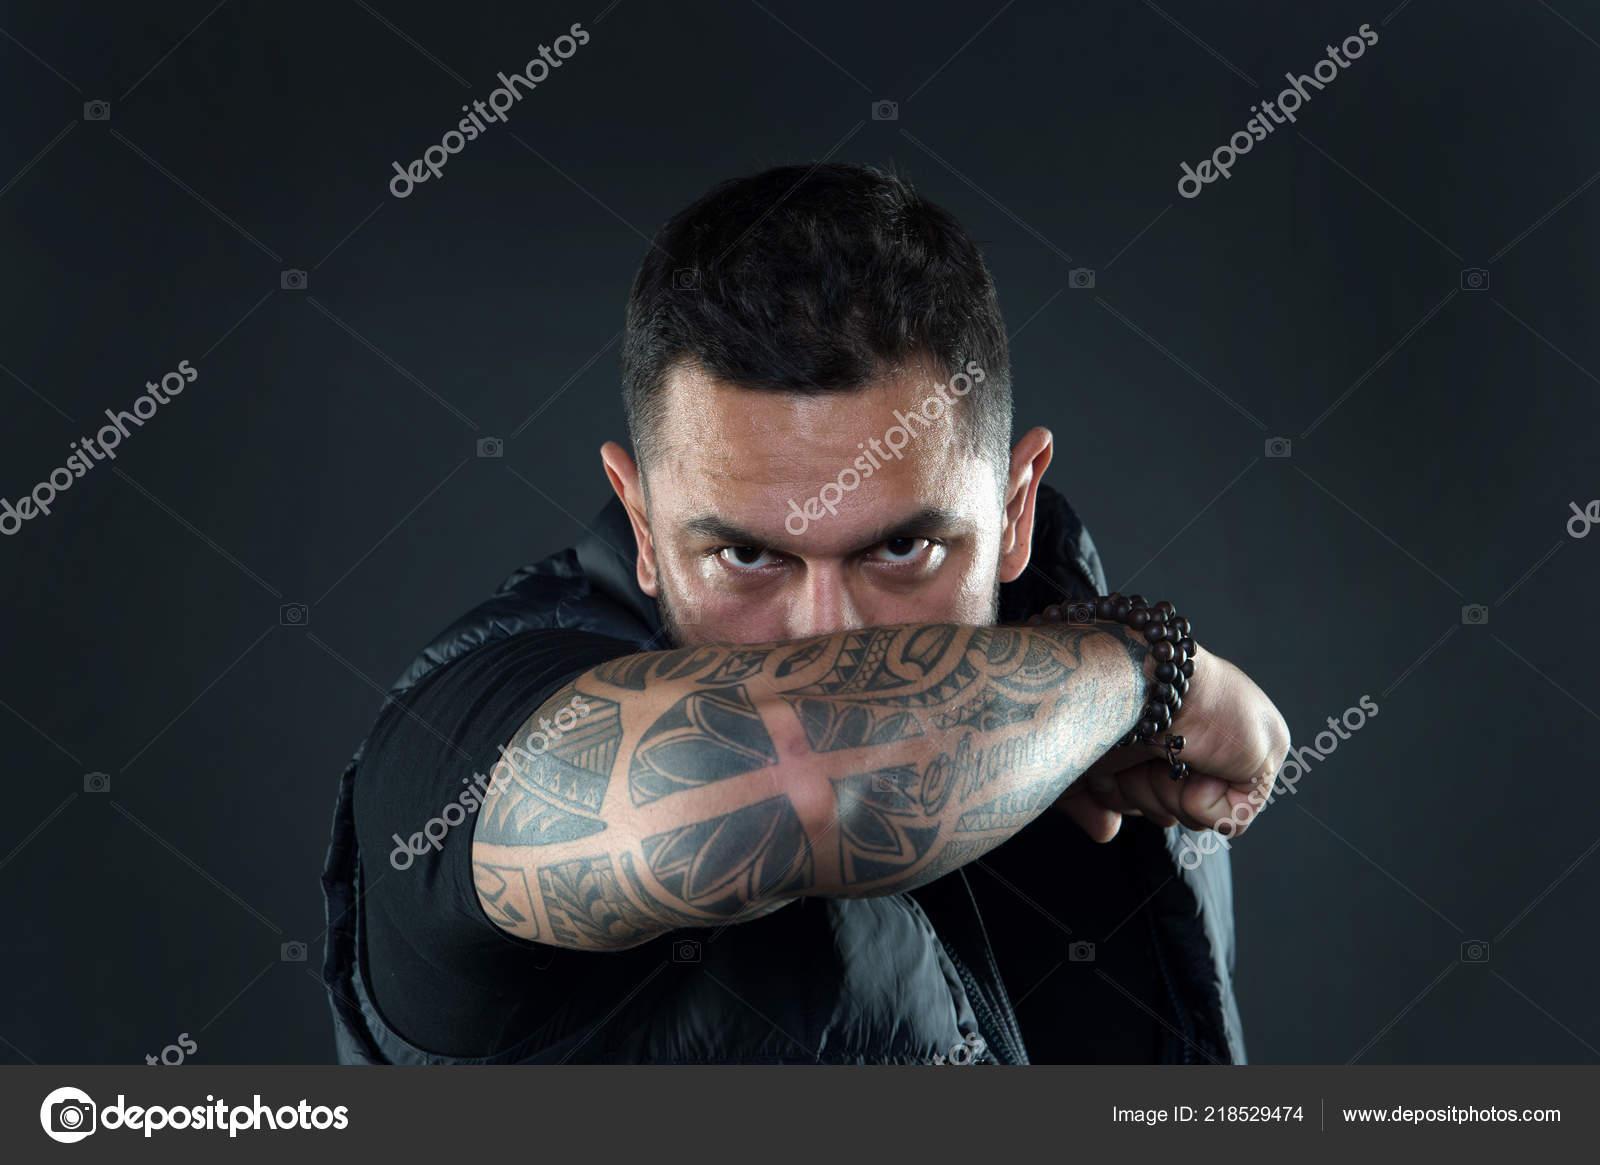 Tatuajes Ocultar Falta De Masculinidad Hombre Brutal Chico Tapa La